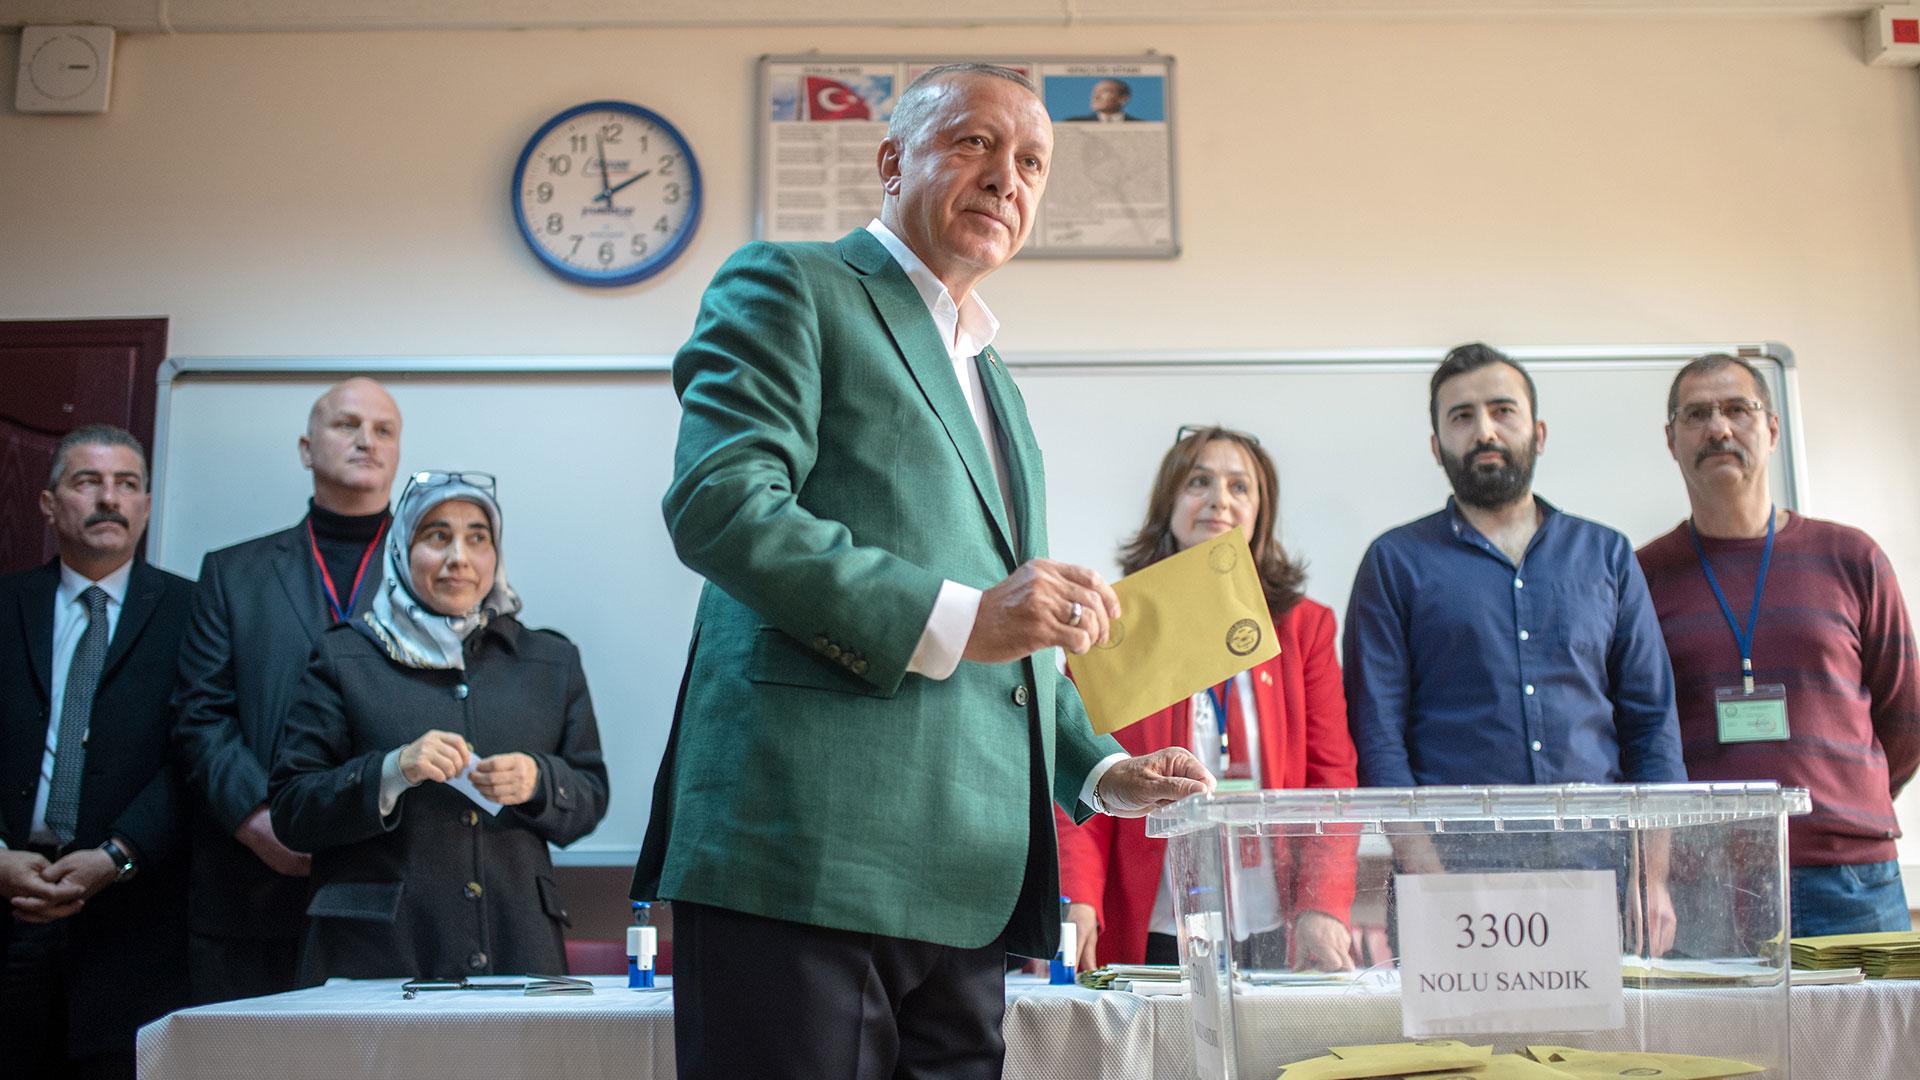 El presidente Recep Tayyip Erdogan votando (AFP)